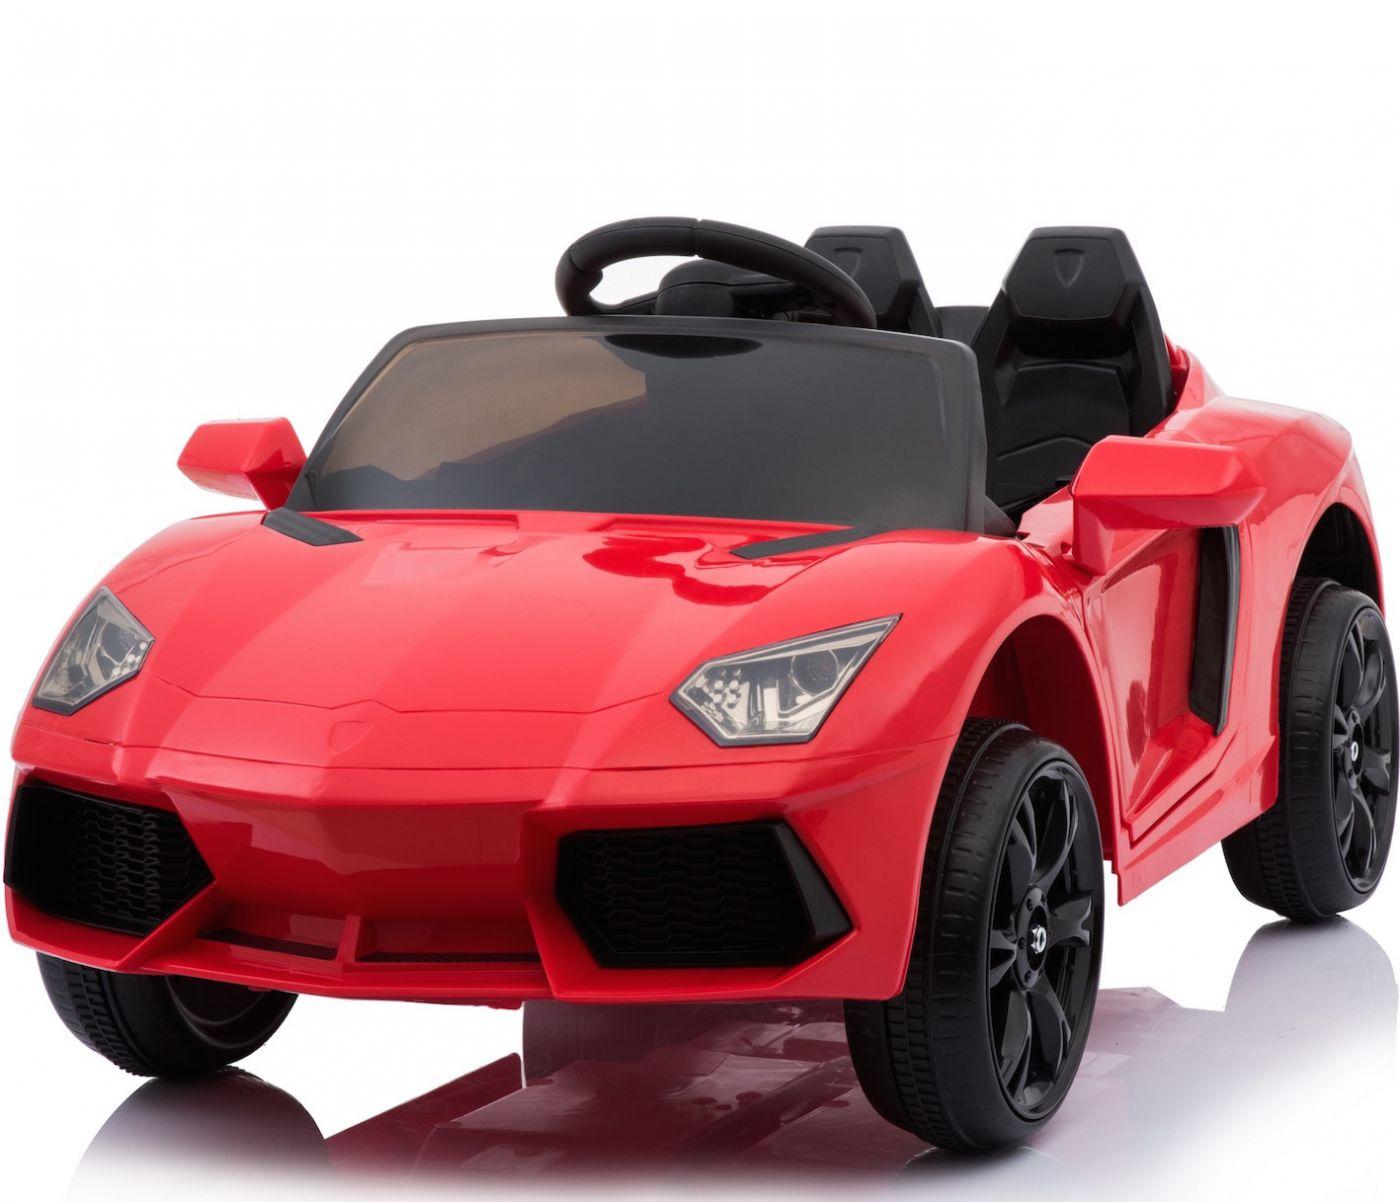 lamborghini aventador style 12v ride on children's electric car